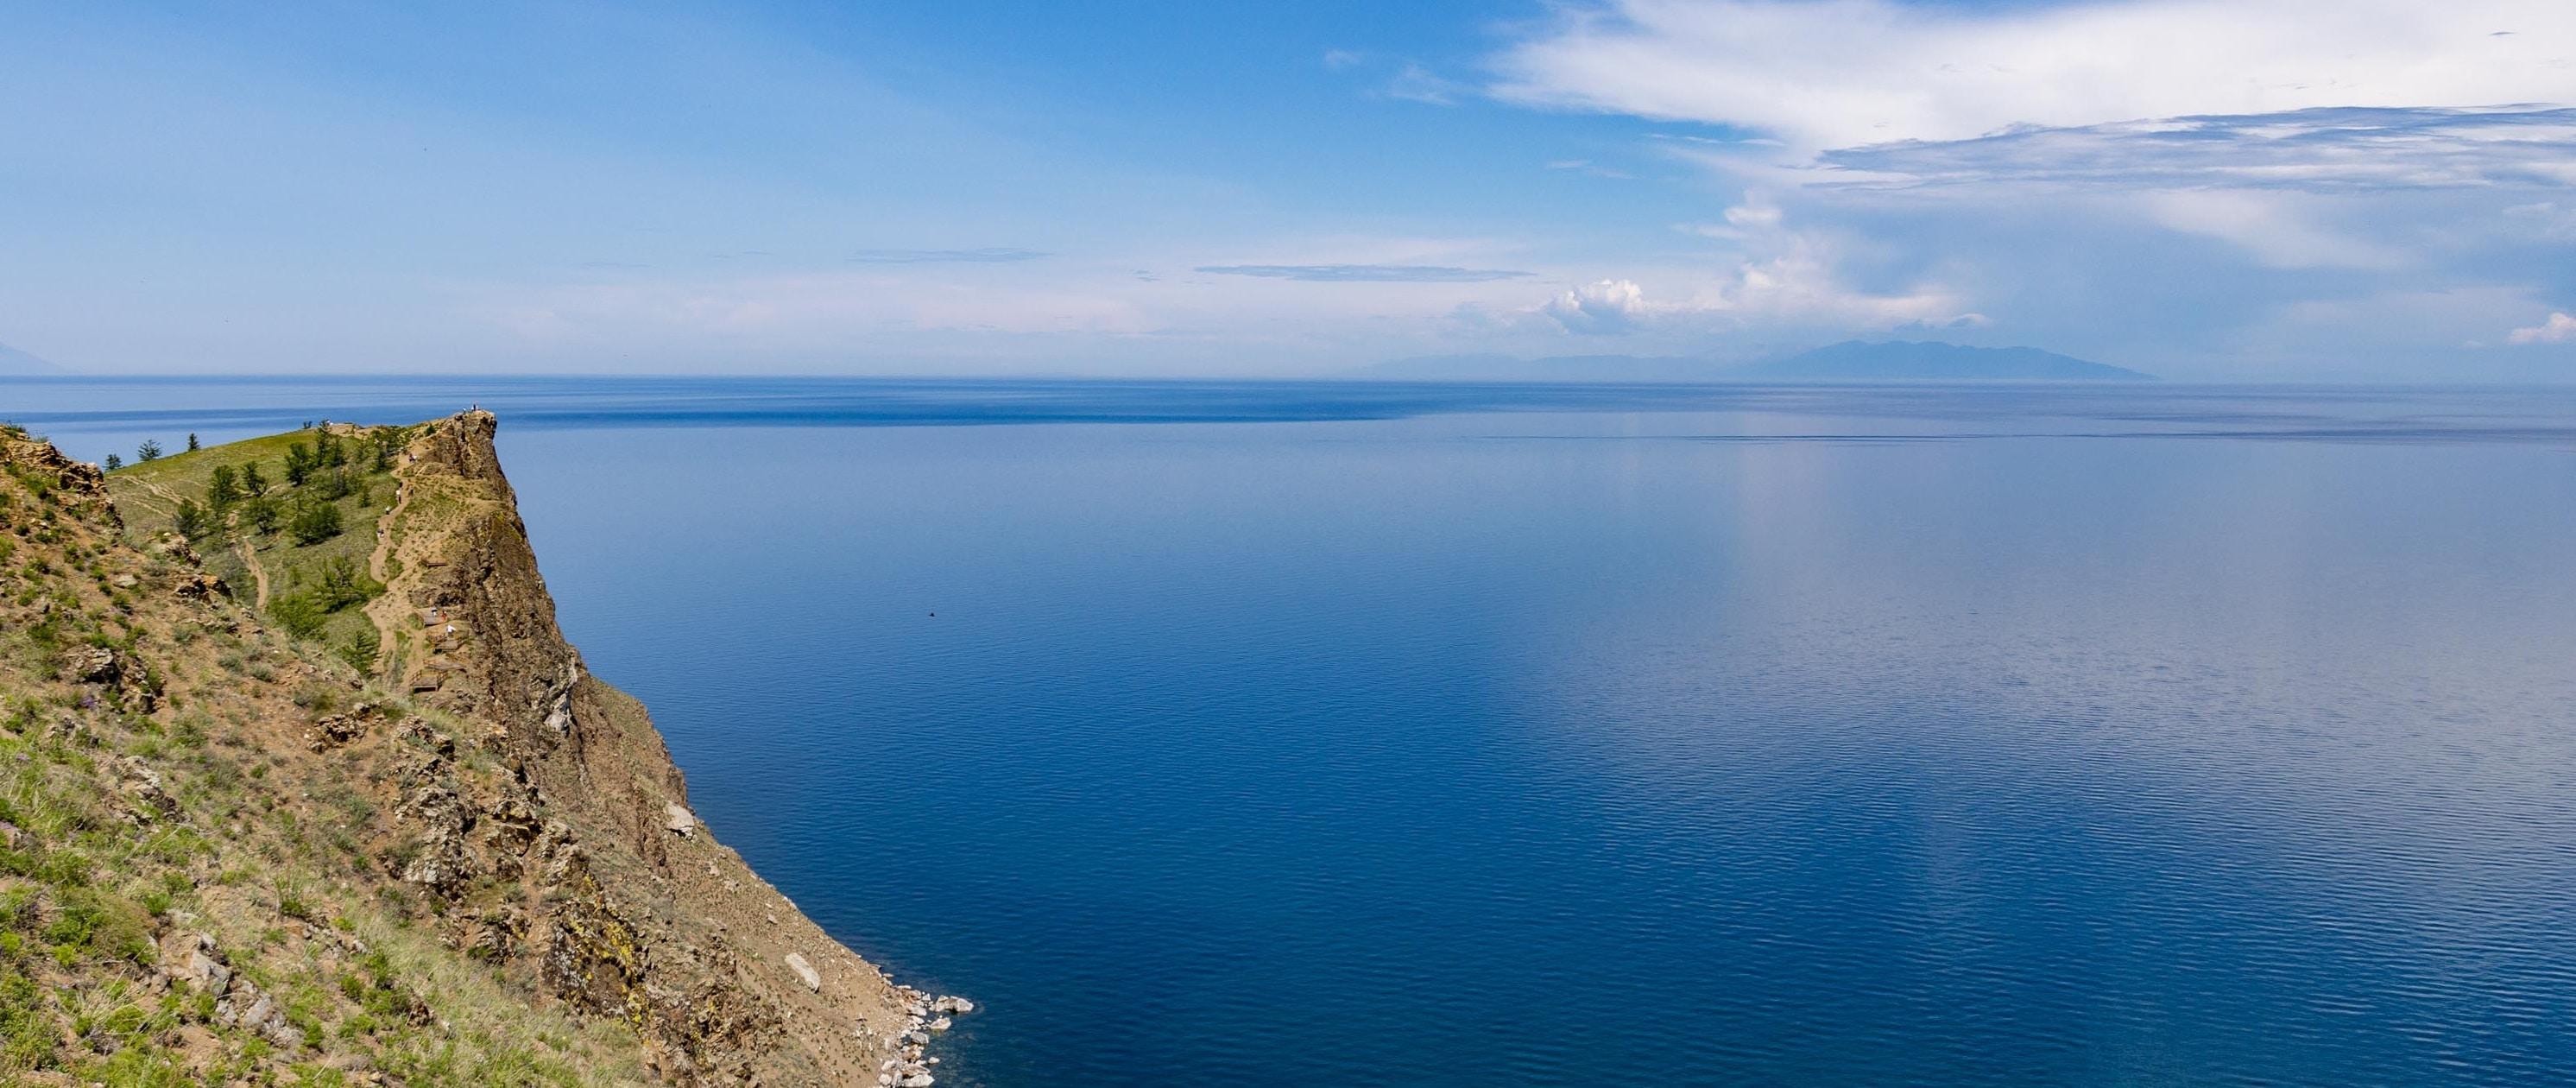 Jezioro Bajkał. Atrakcje nad okiem Syberii, najgłębszym i najczystszym jeziorem świata.